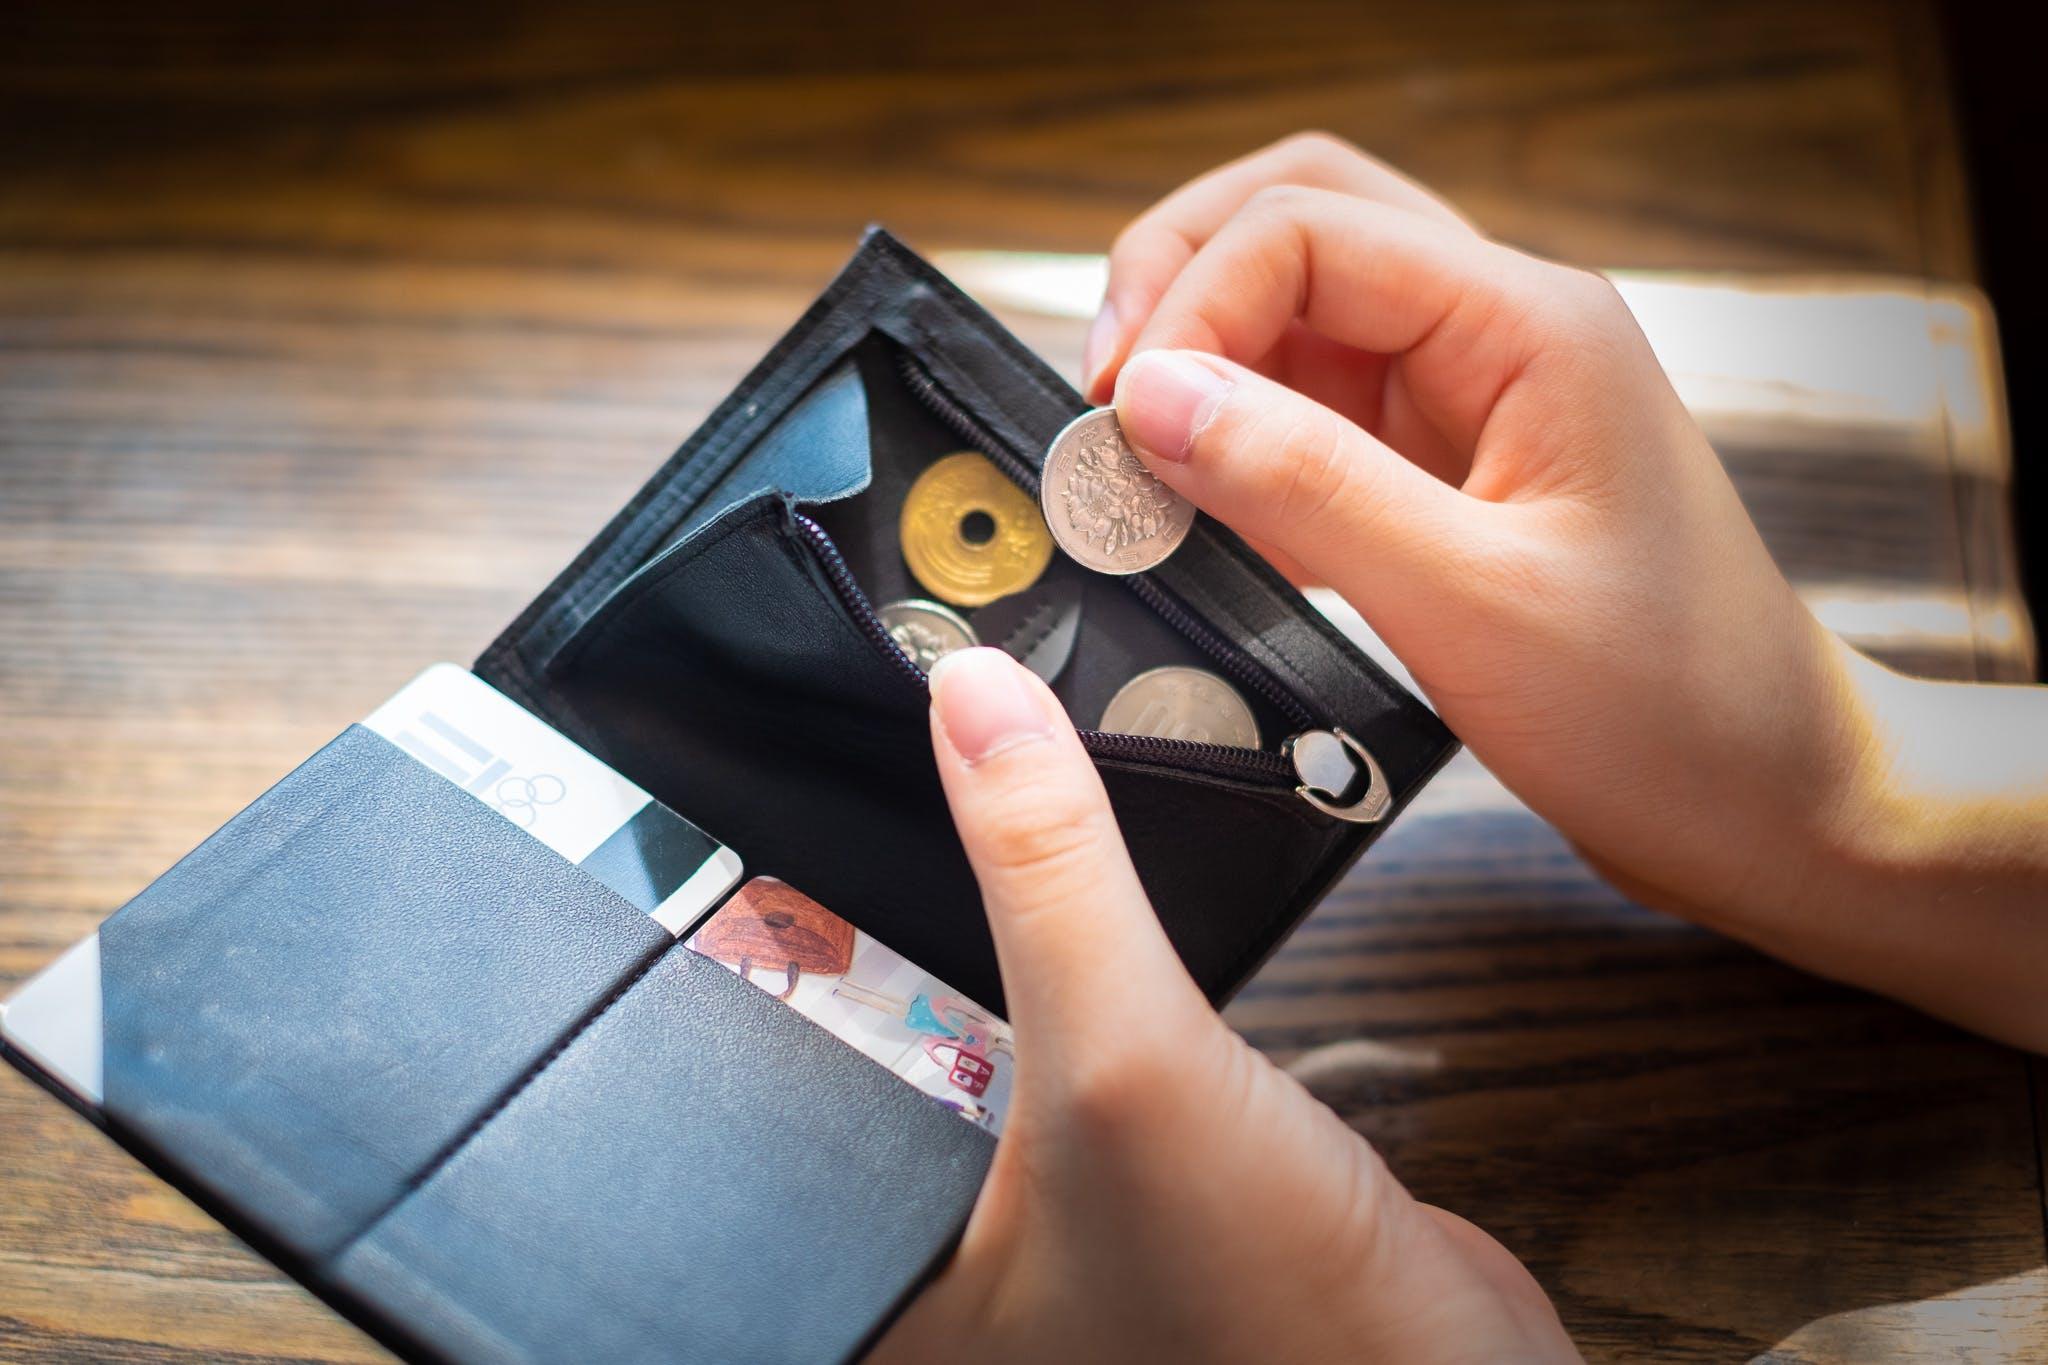 ミニマルウォレットの弱点克服!? 小銭やカードを入れても膨らまない財布だって